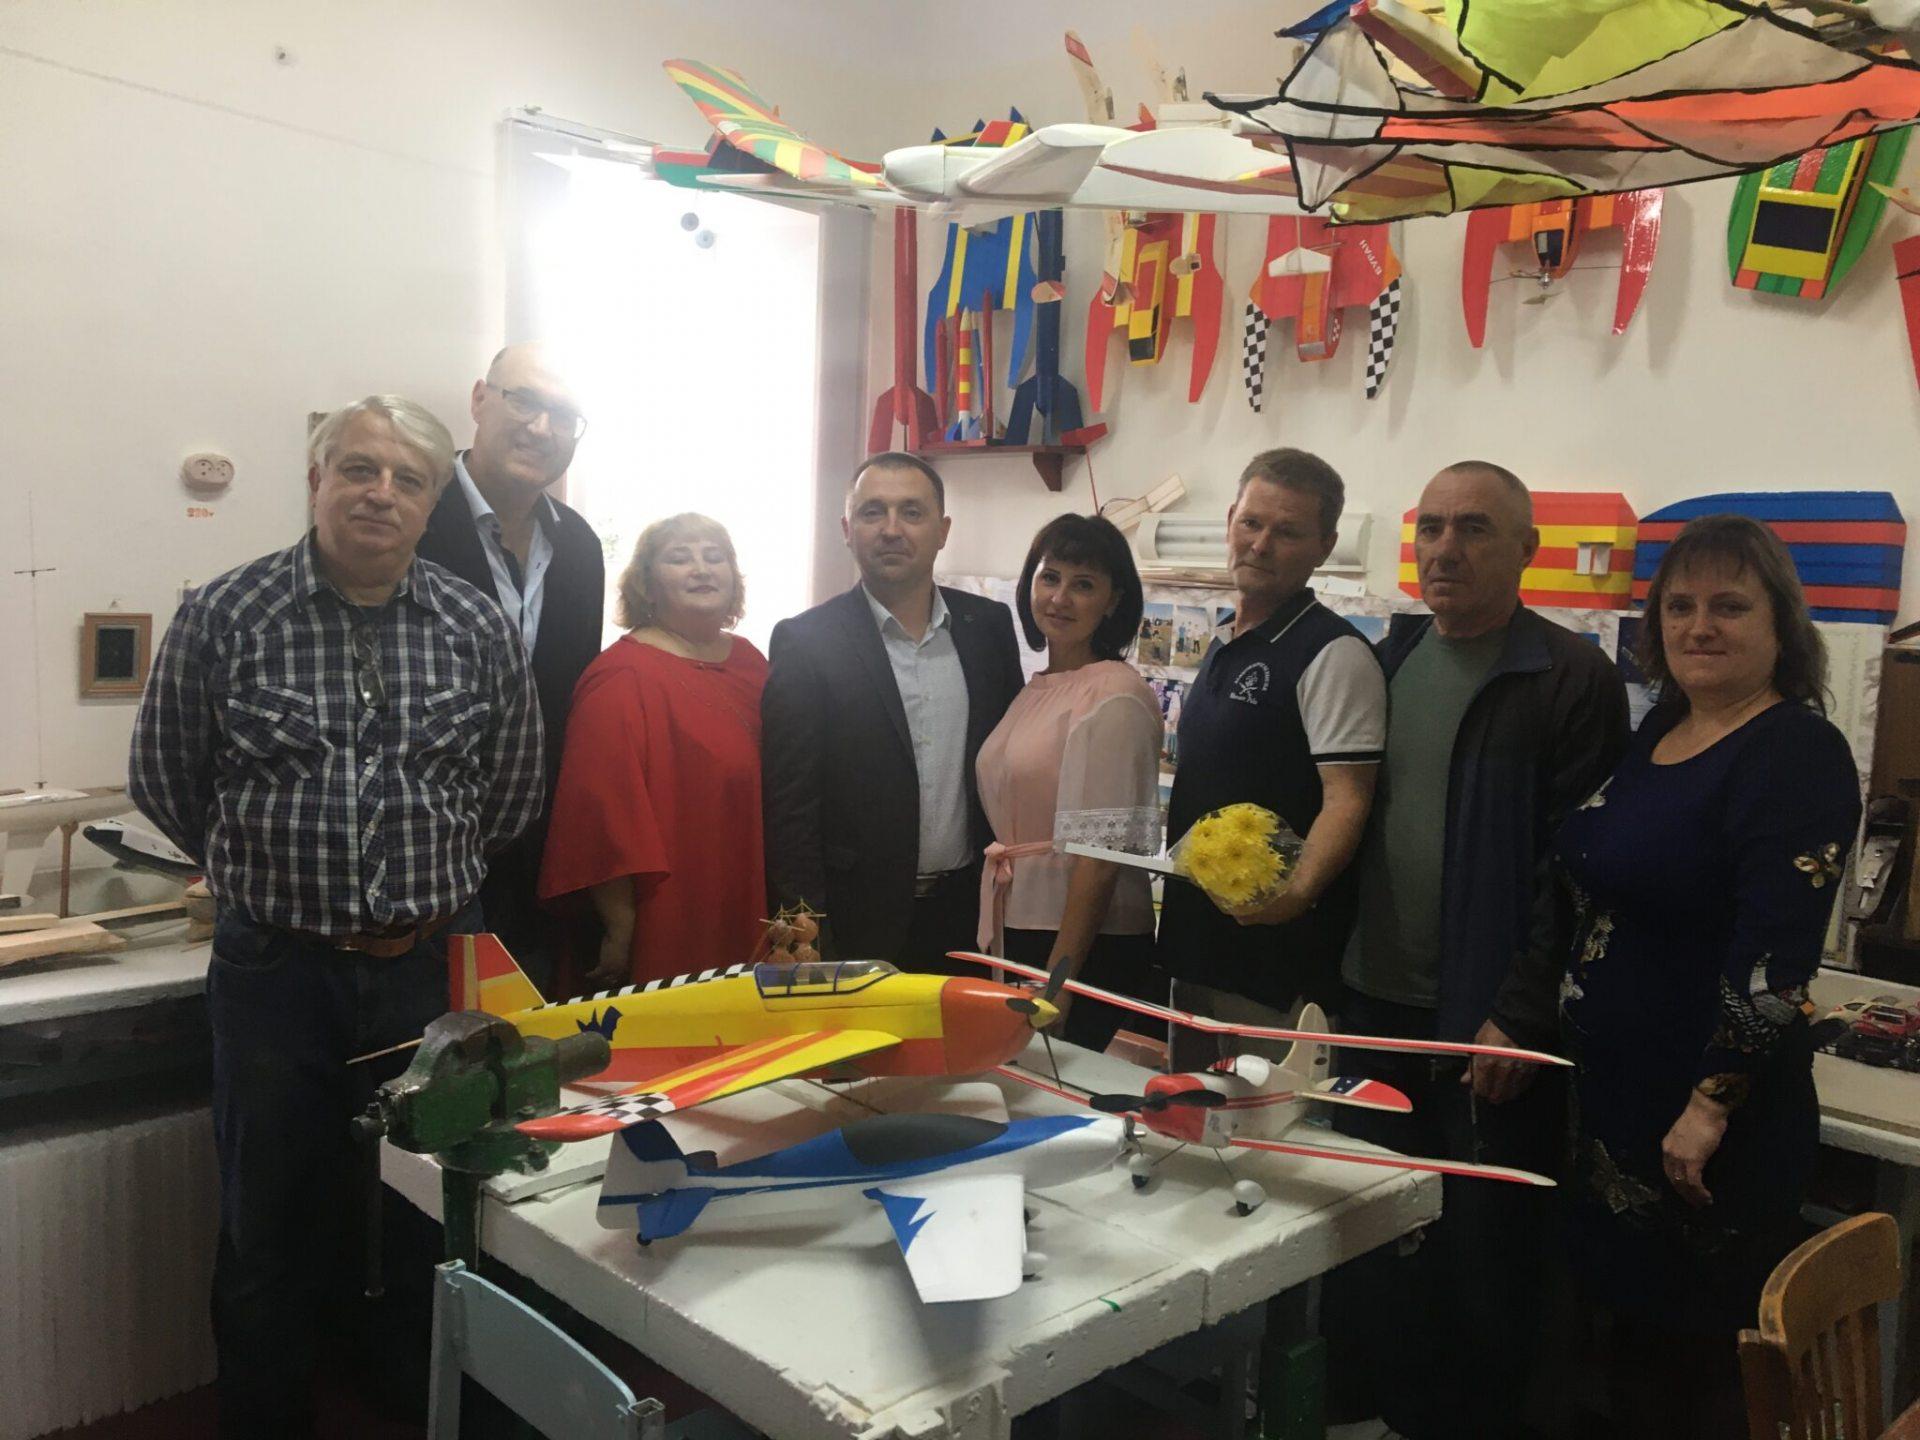 Освітяни Олешківського району приймали привітання з професійним святом